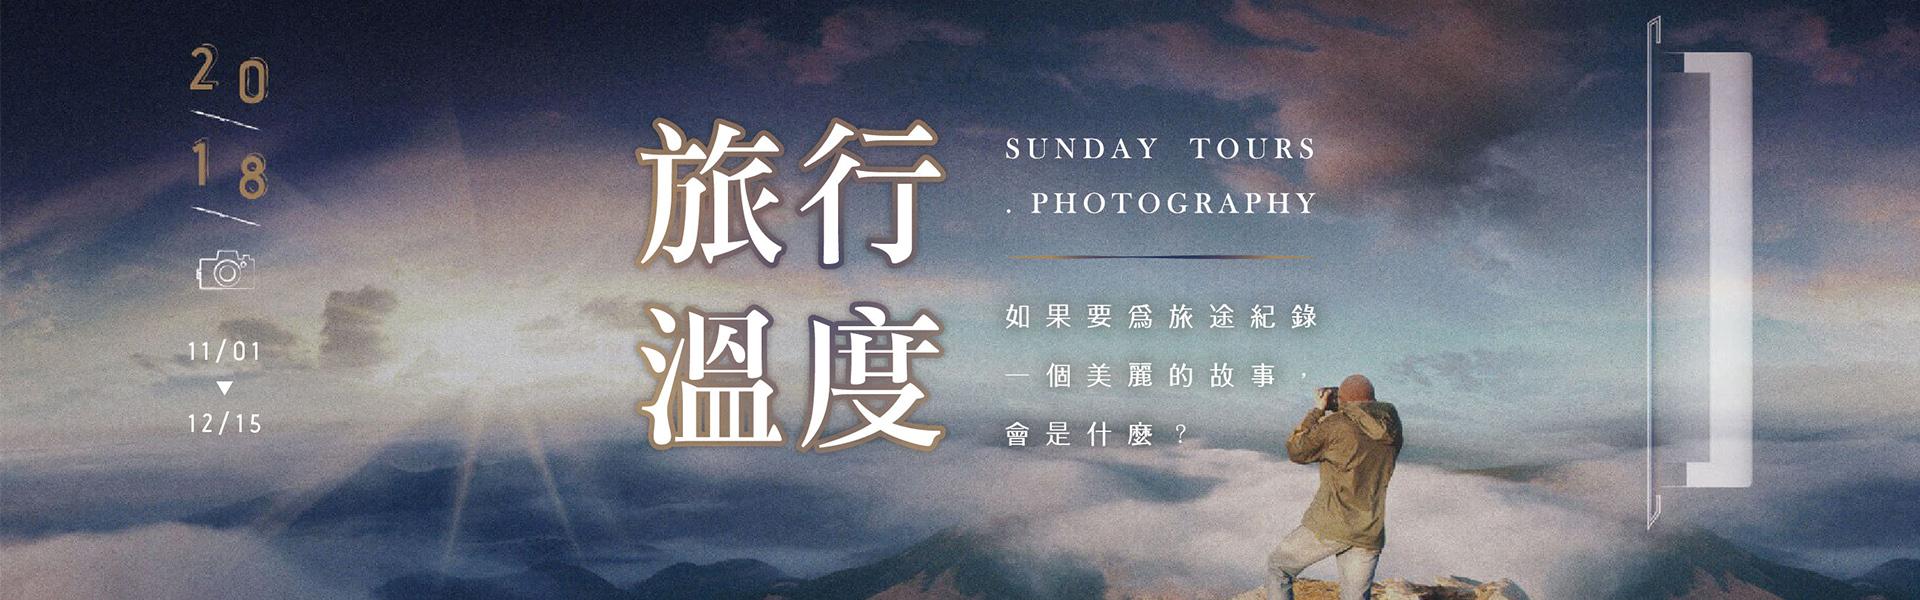 晴天第一屆「旅行的溫度」攝影展正式開跑囉!